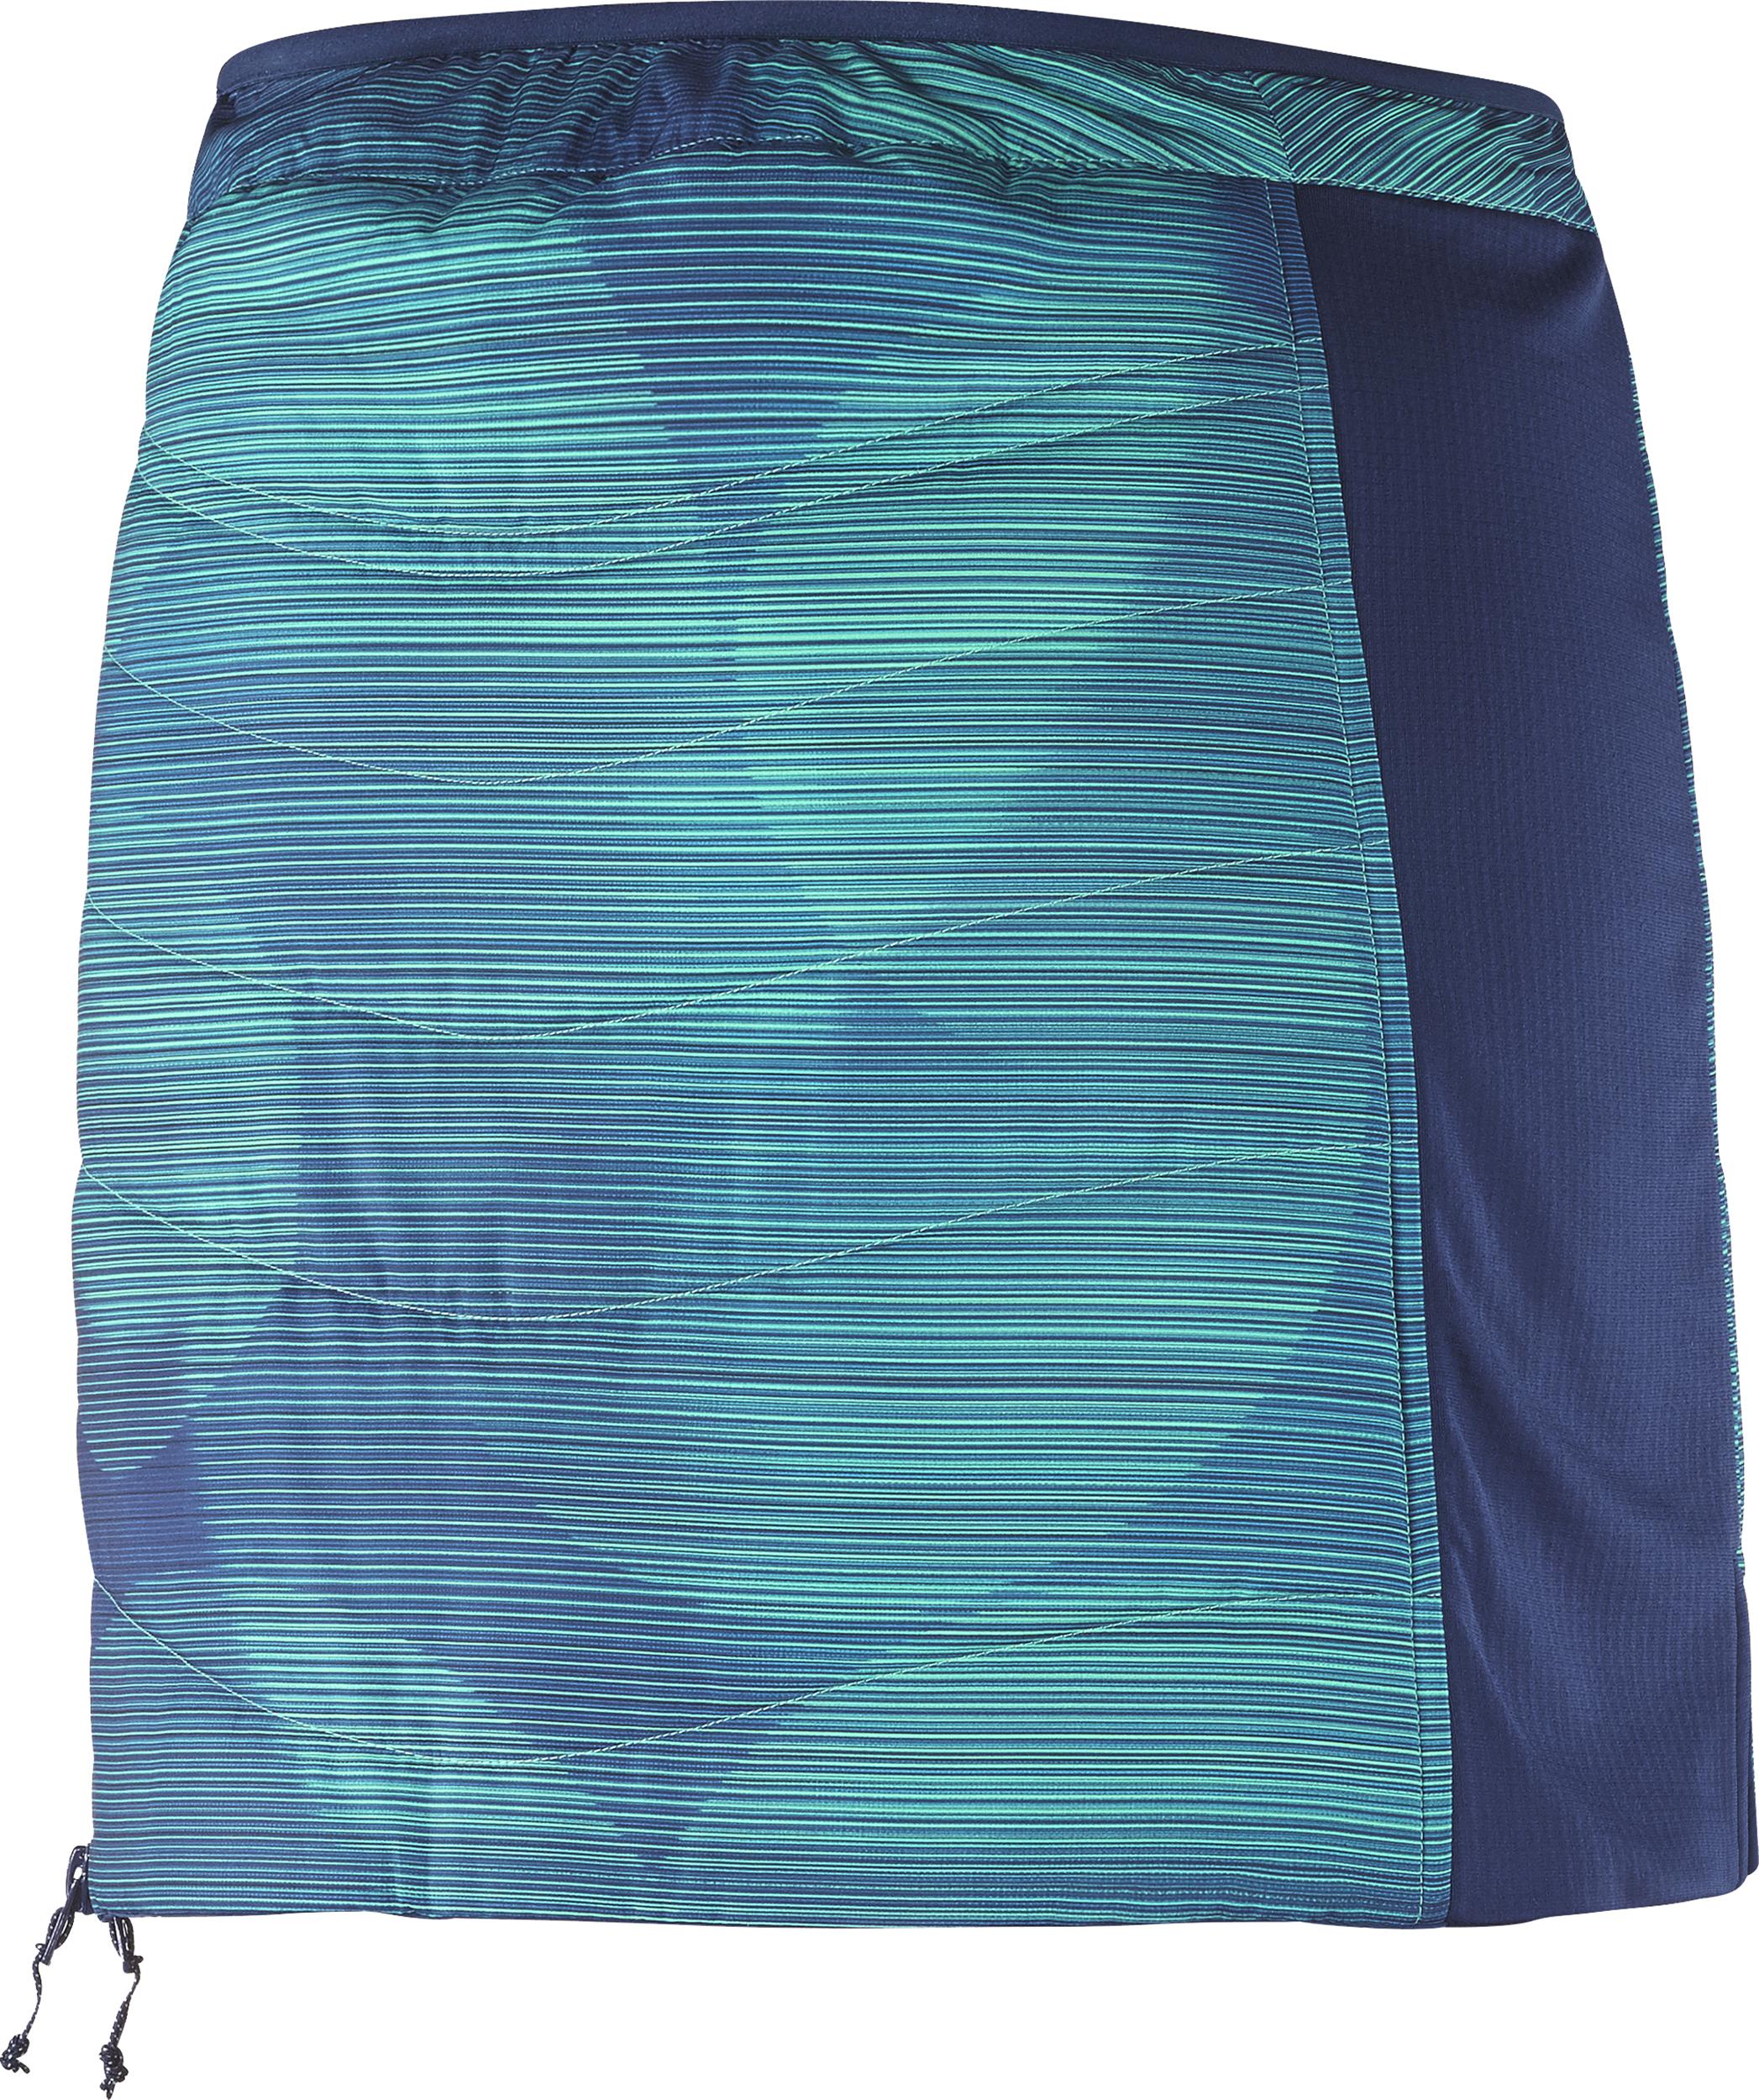 1cfcc03d40a67 Salomon Drifter Mid Skirt - Women s